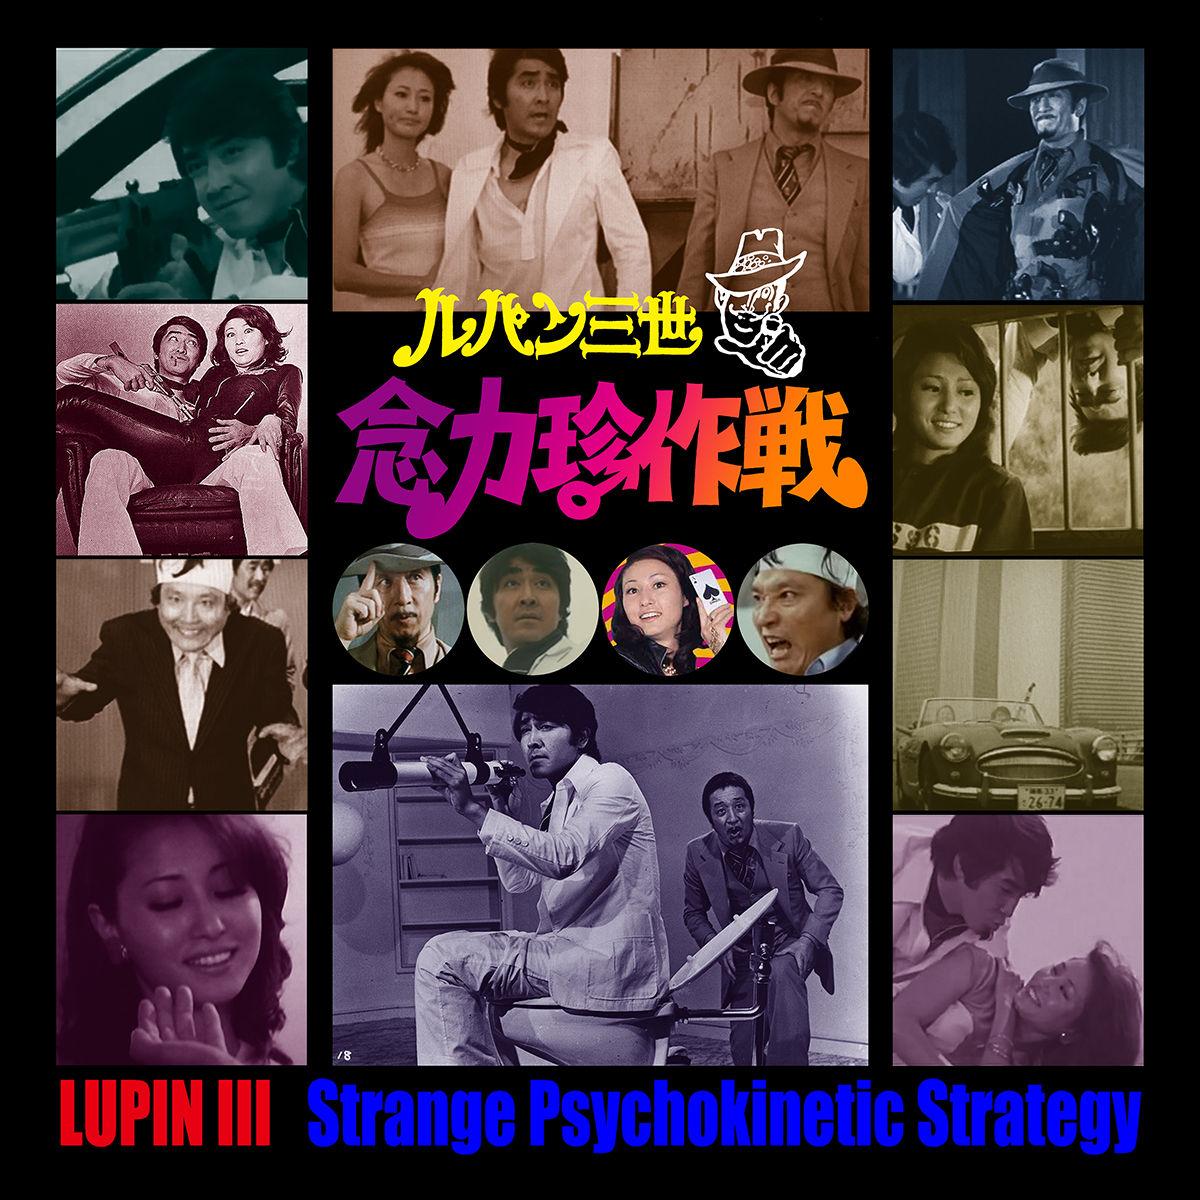 lupin_psychokinetic